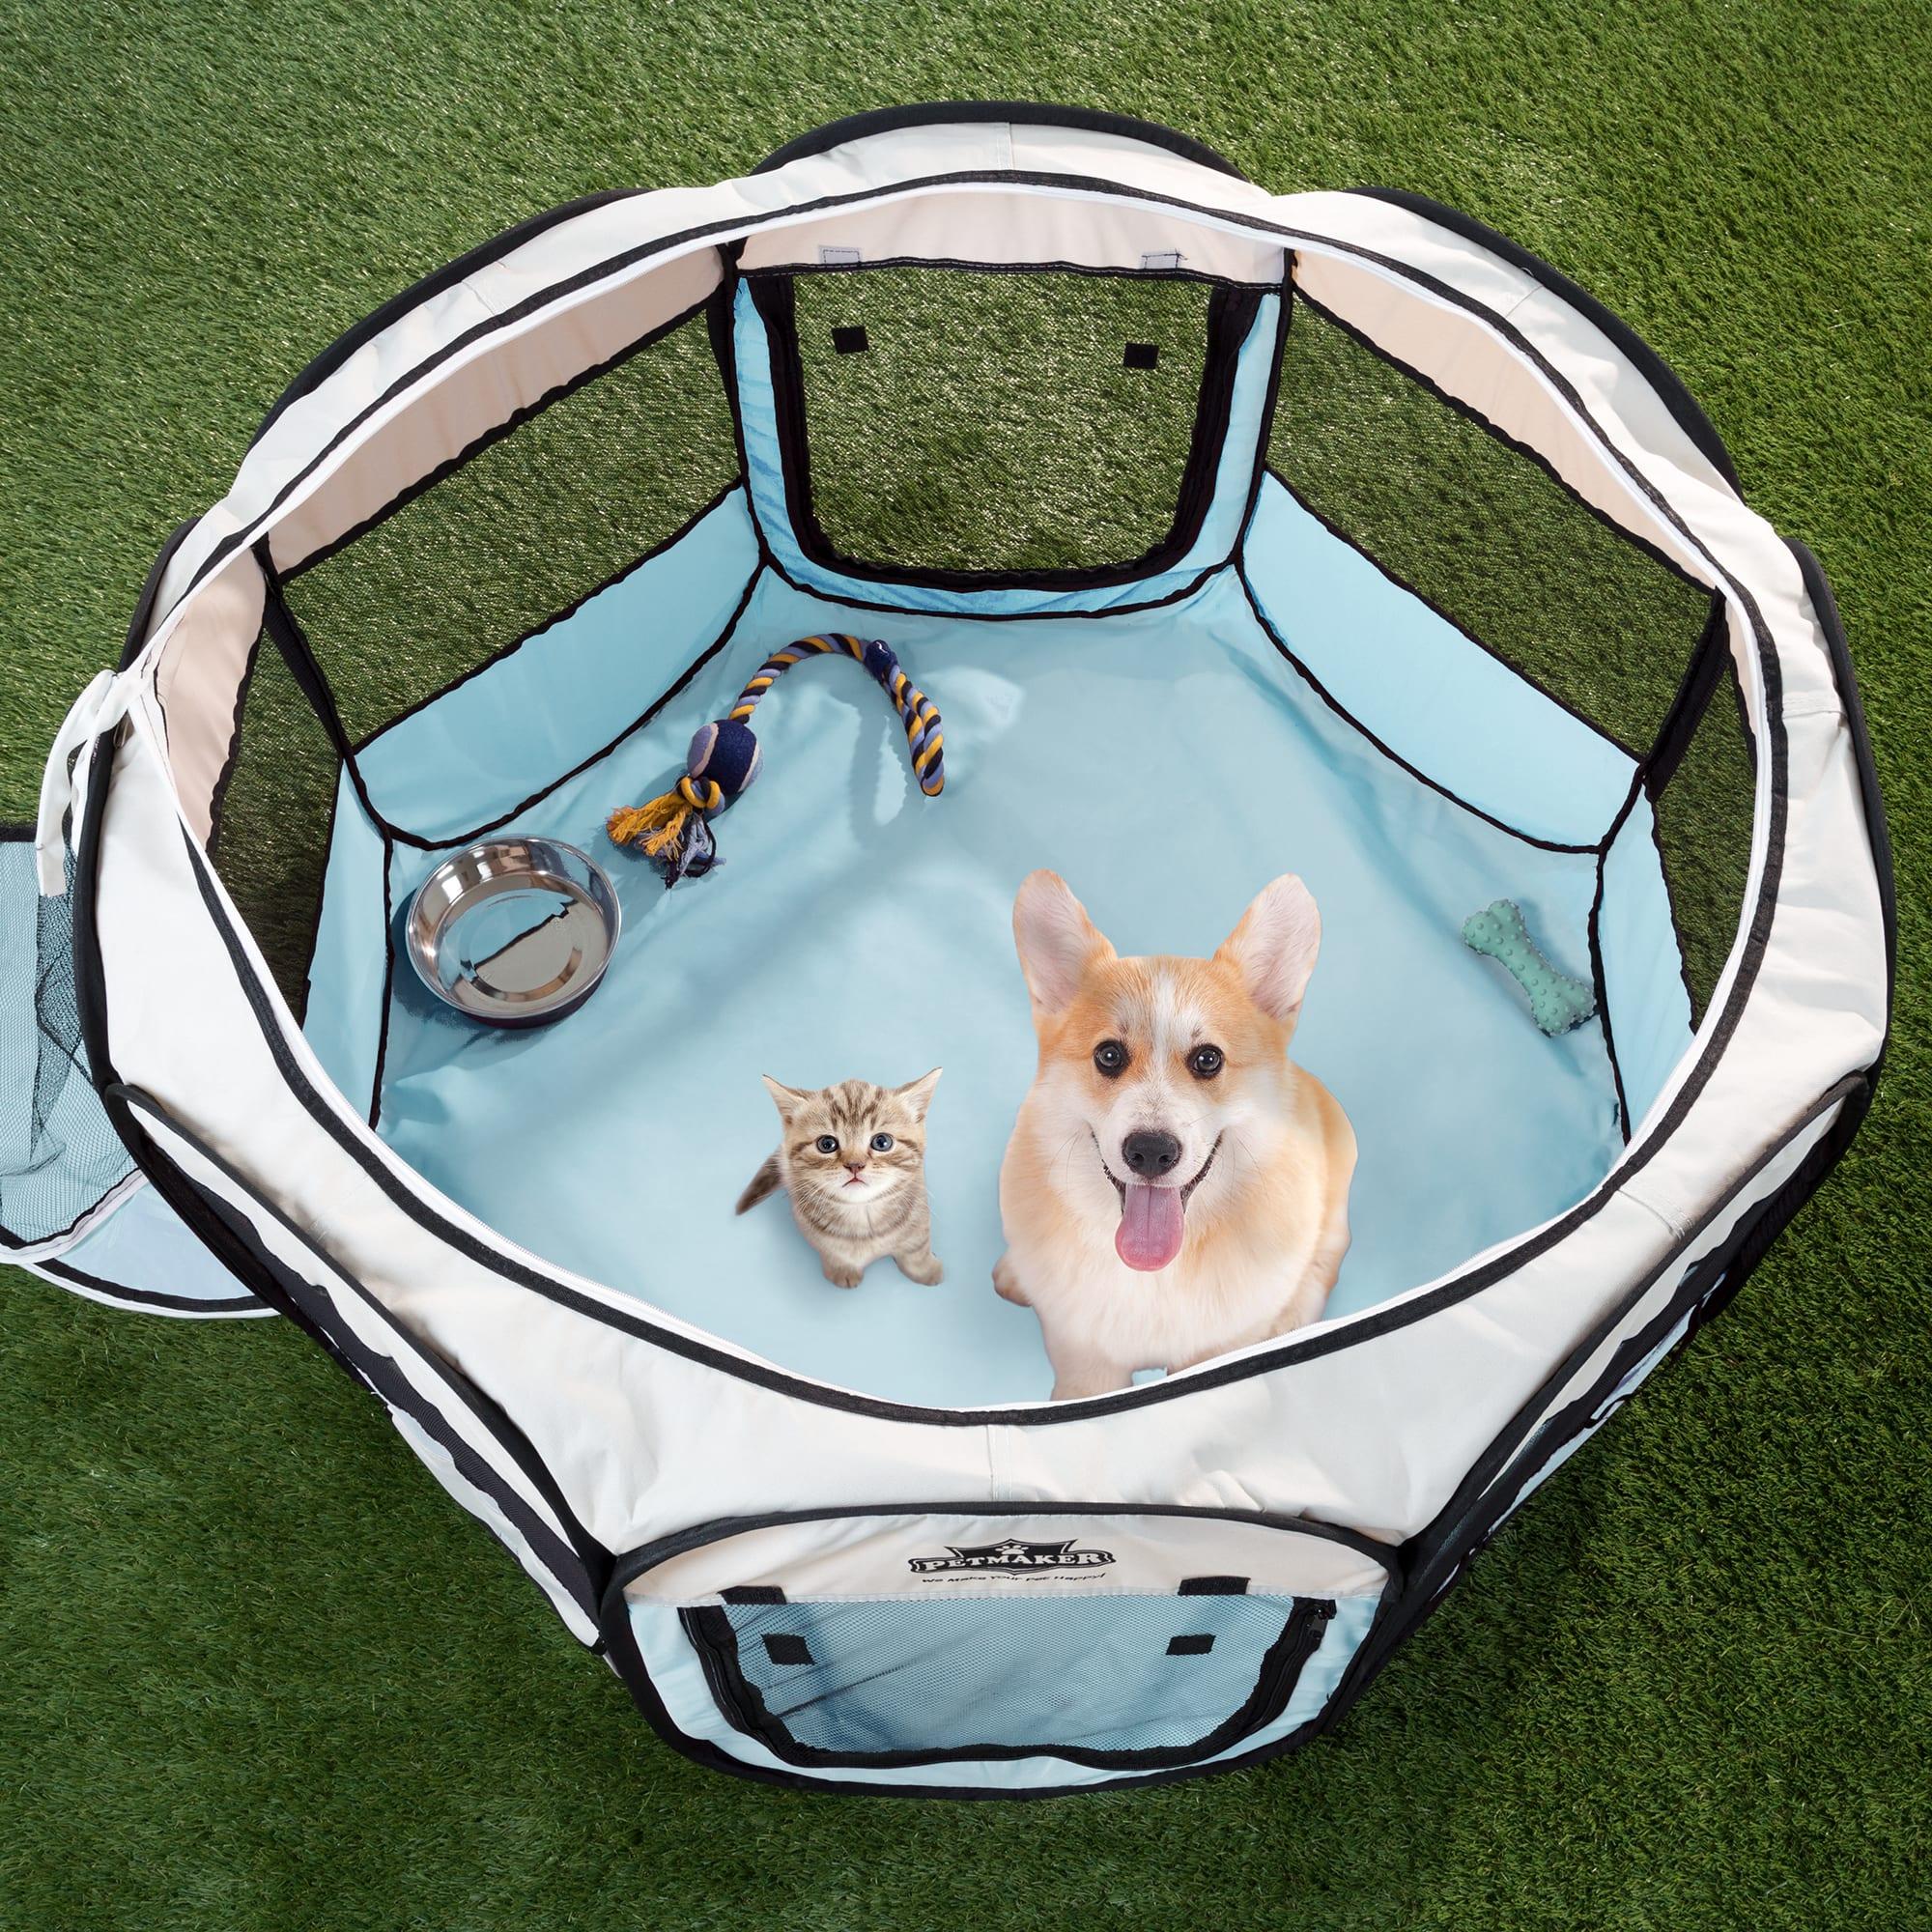 Petplay dog